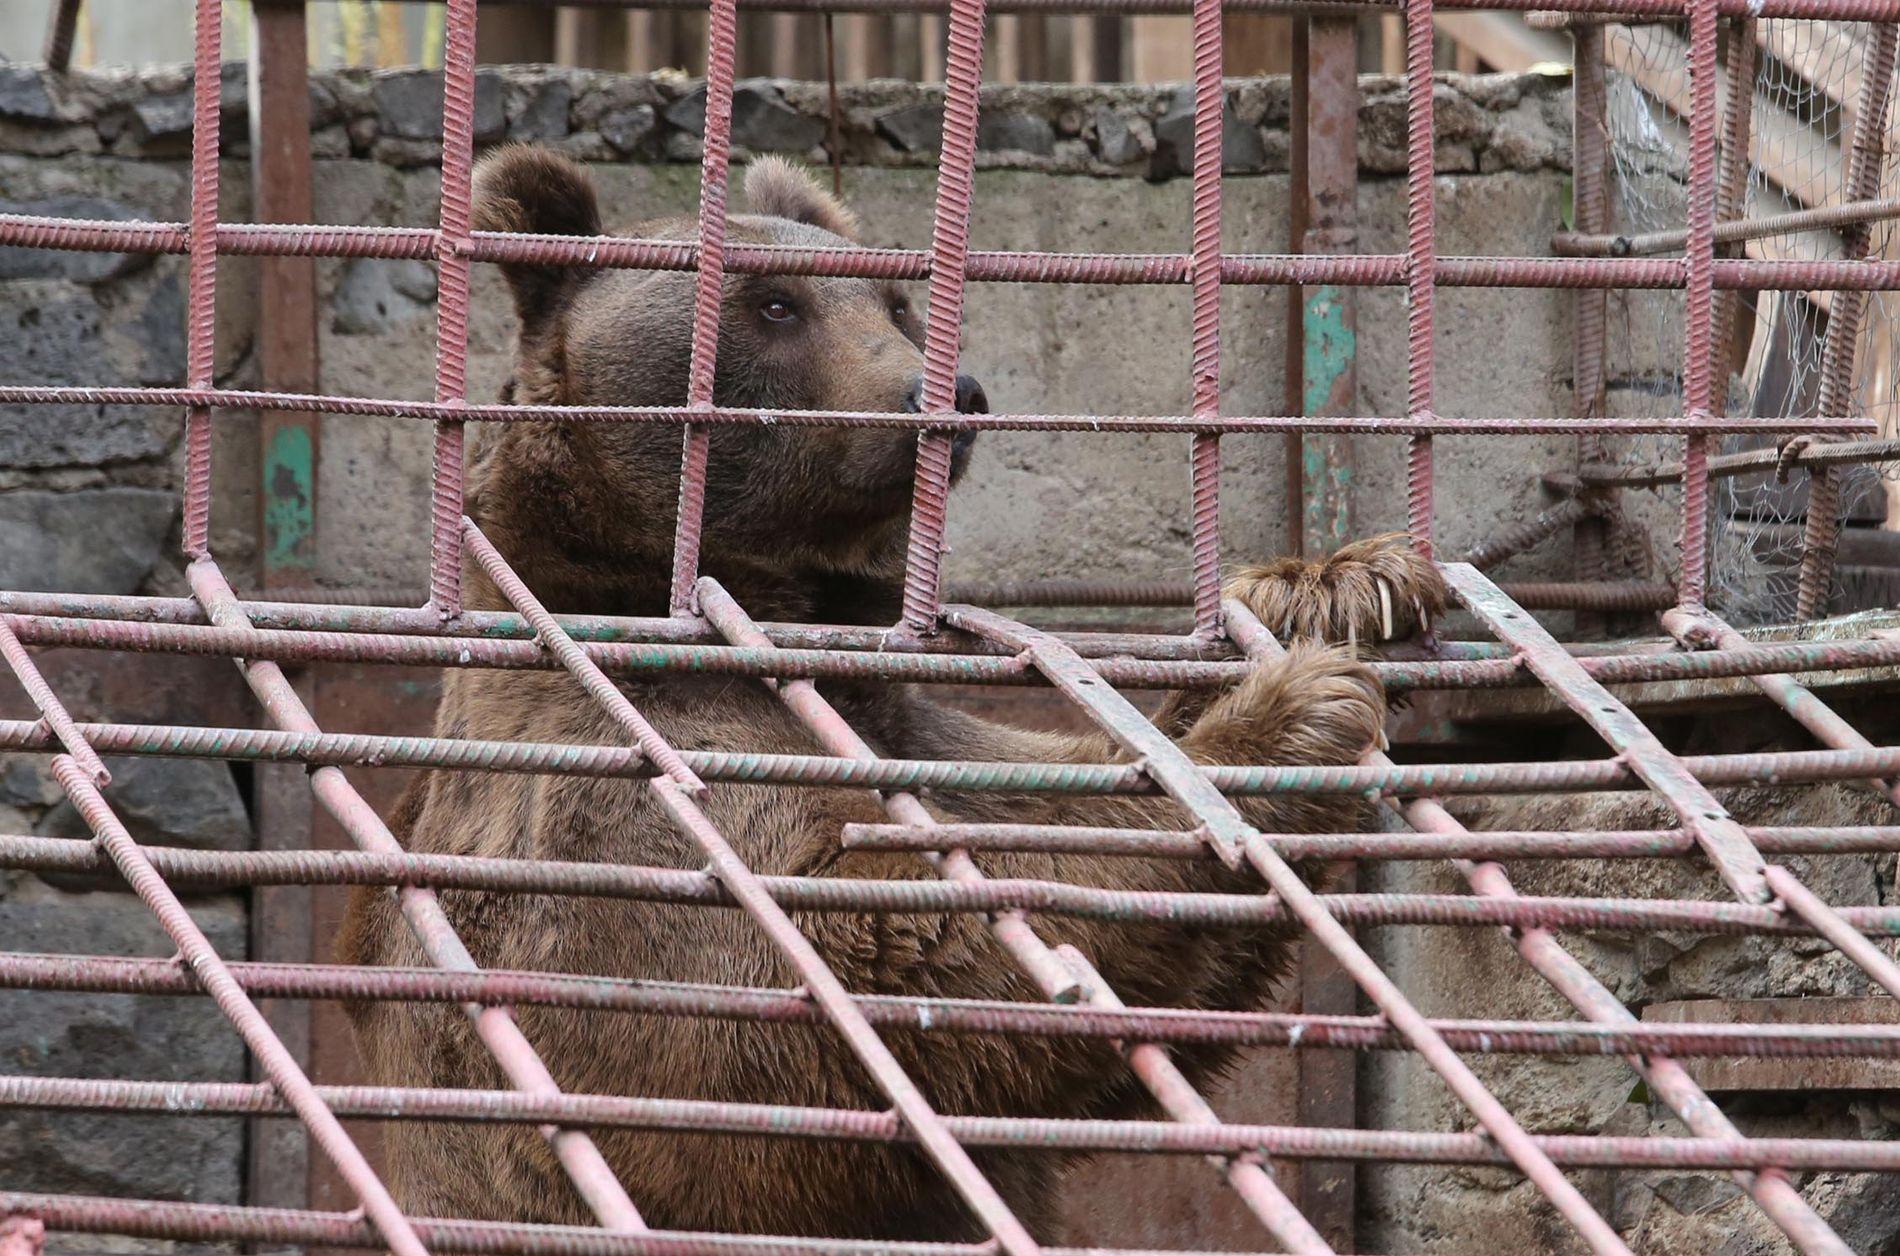 FANGET: En av de fangede bjørnene, enten Dasha eller Misha, lener seg mot veggen i buret.